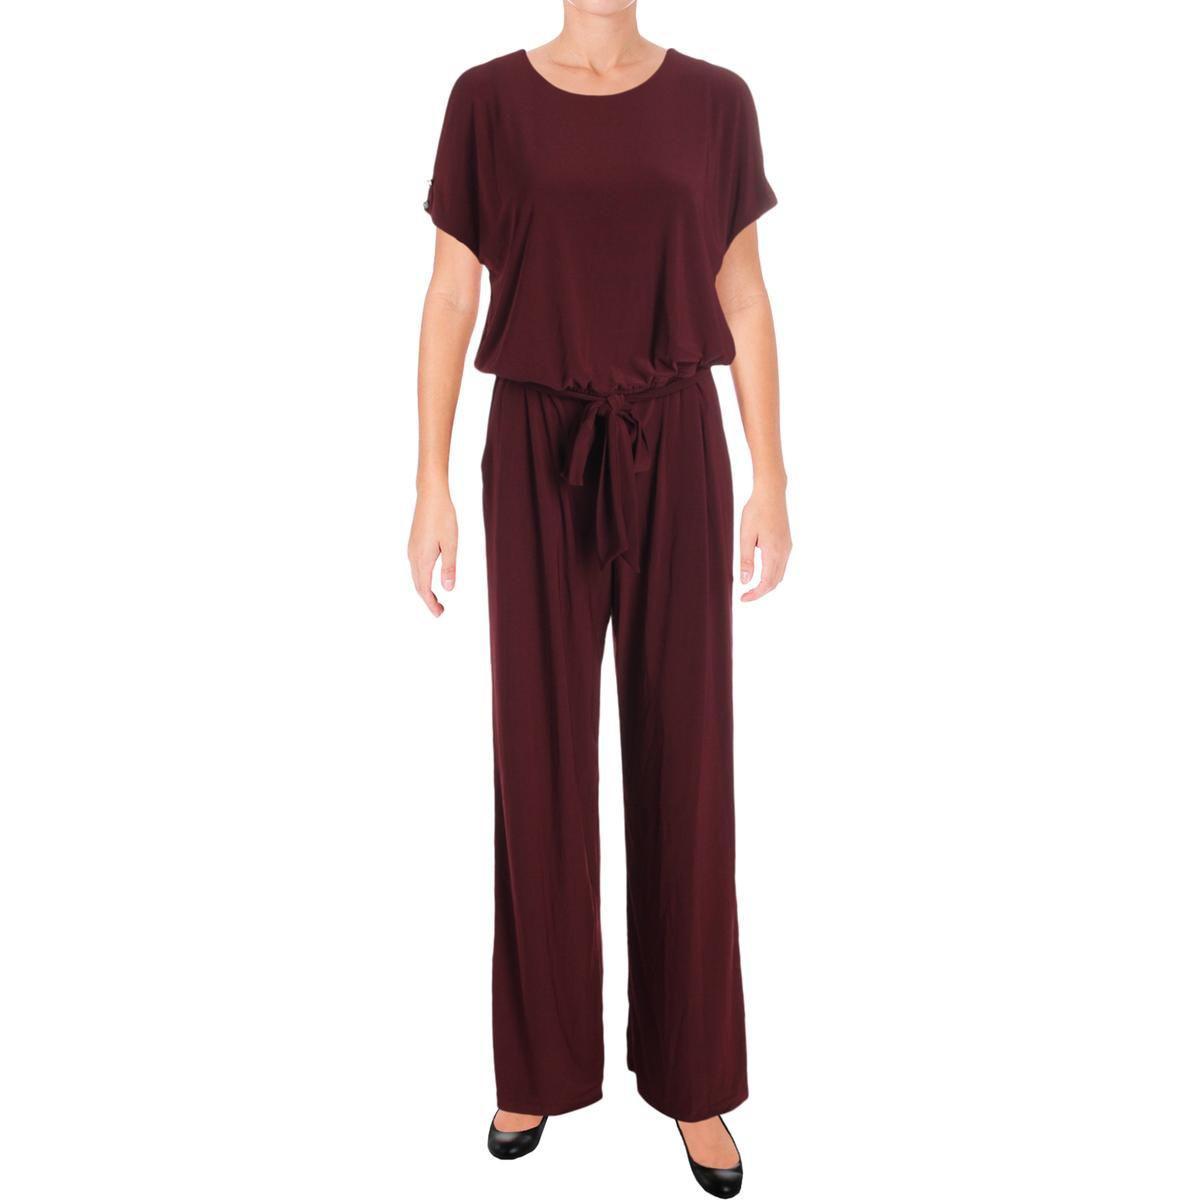 d59c3b09cb4 Lyst - Lauren By Ralph Lauren Womens Cold Shoulder Wide Leg Jumpsuit ...